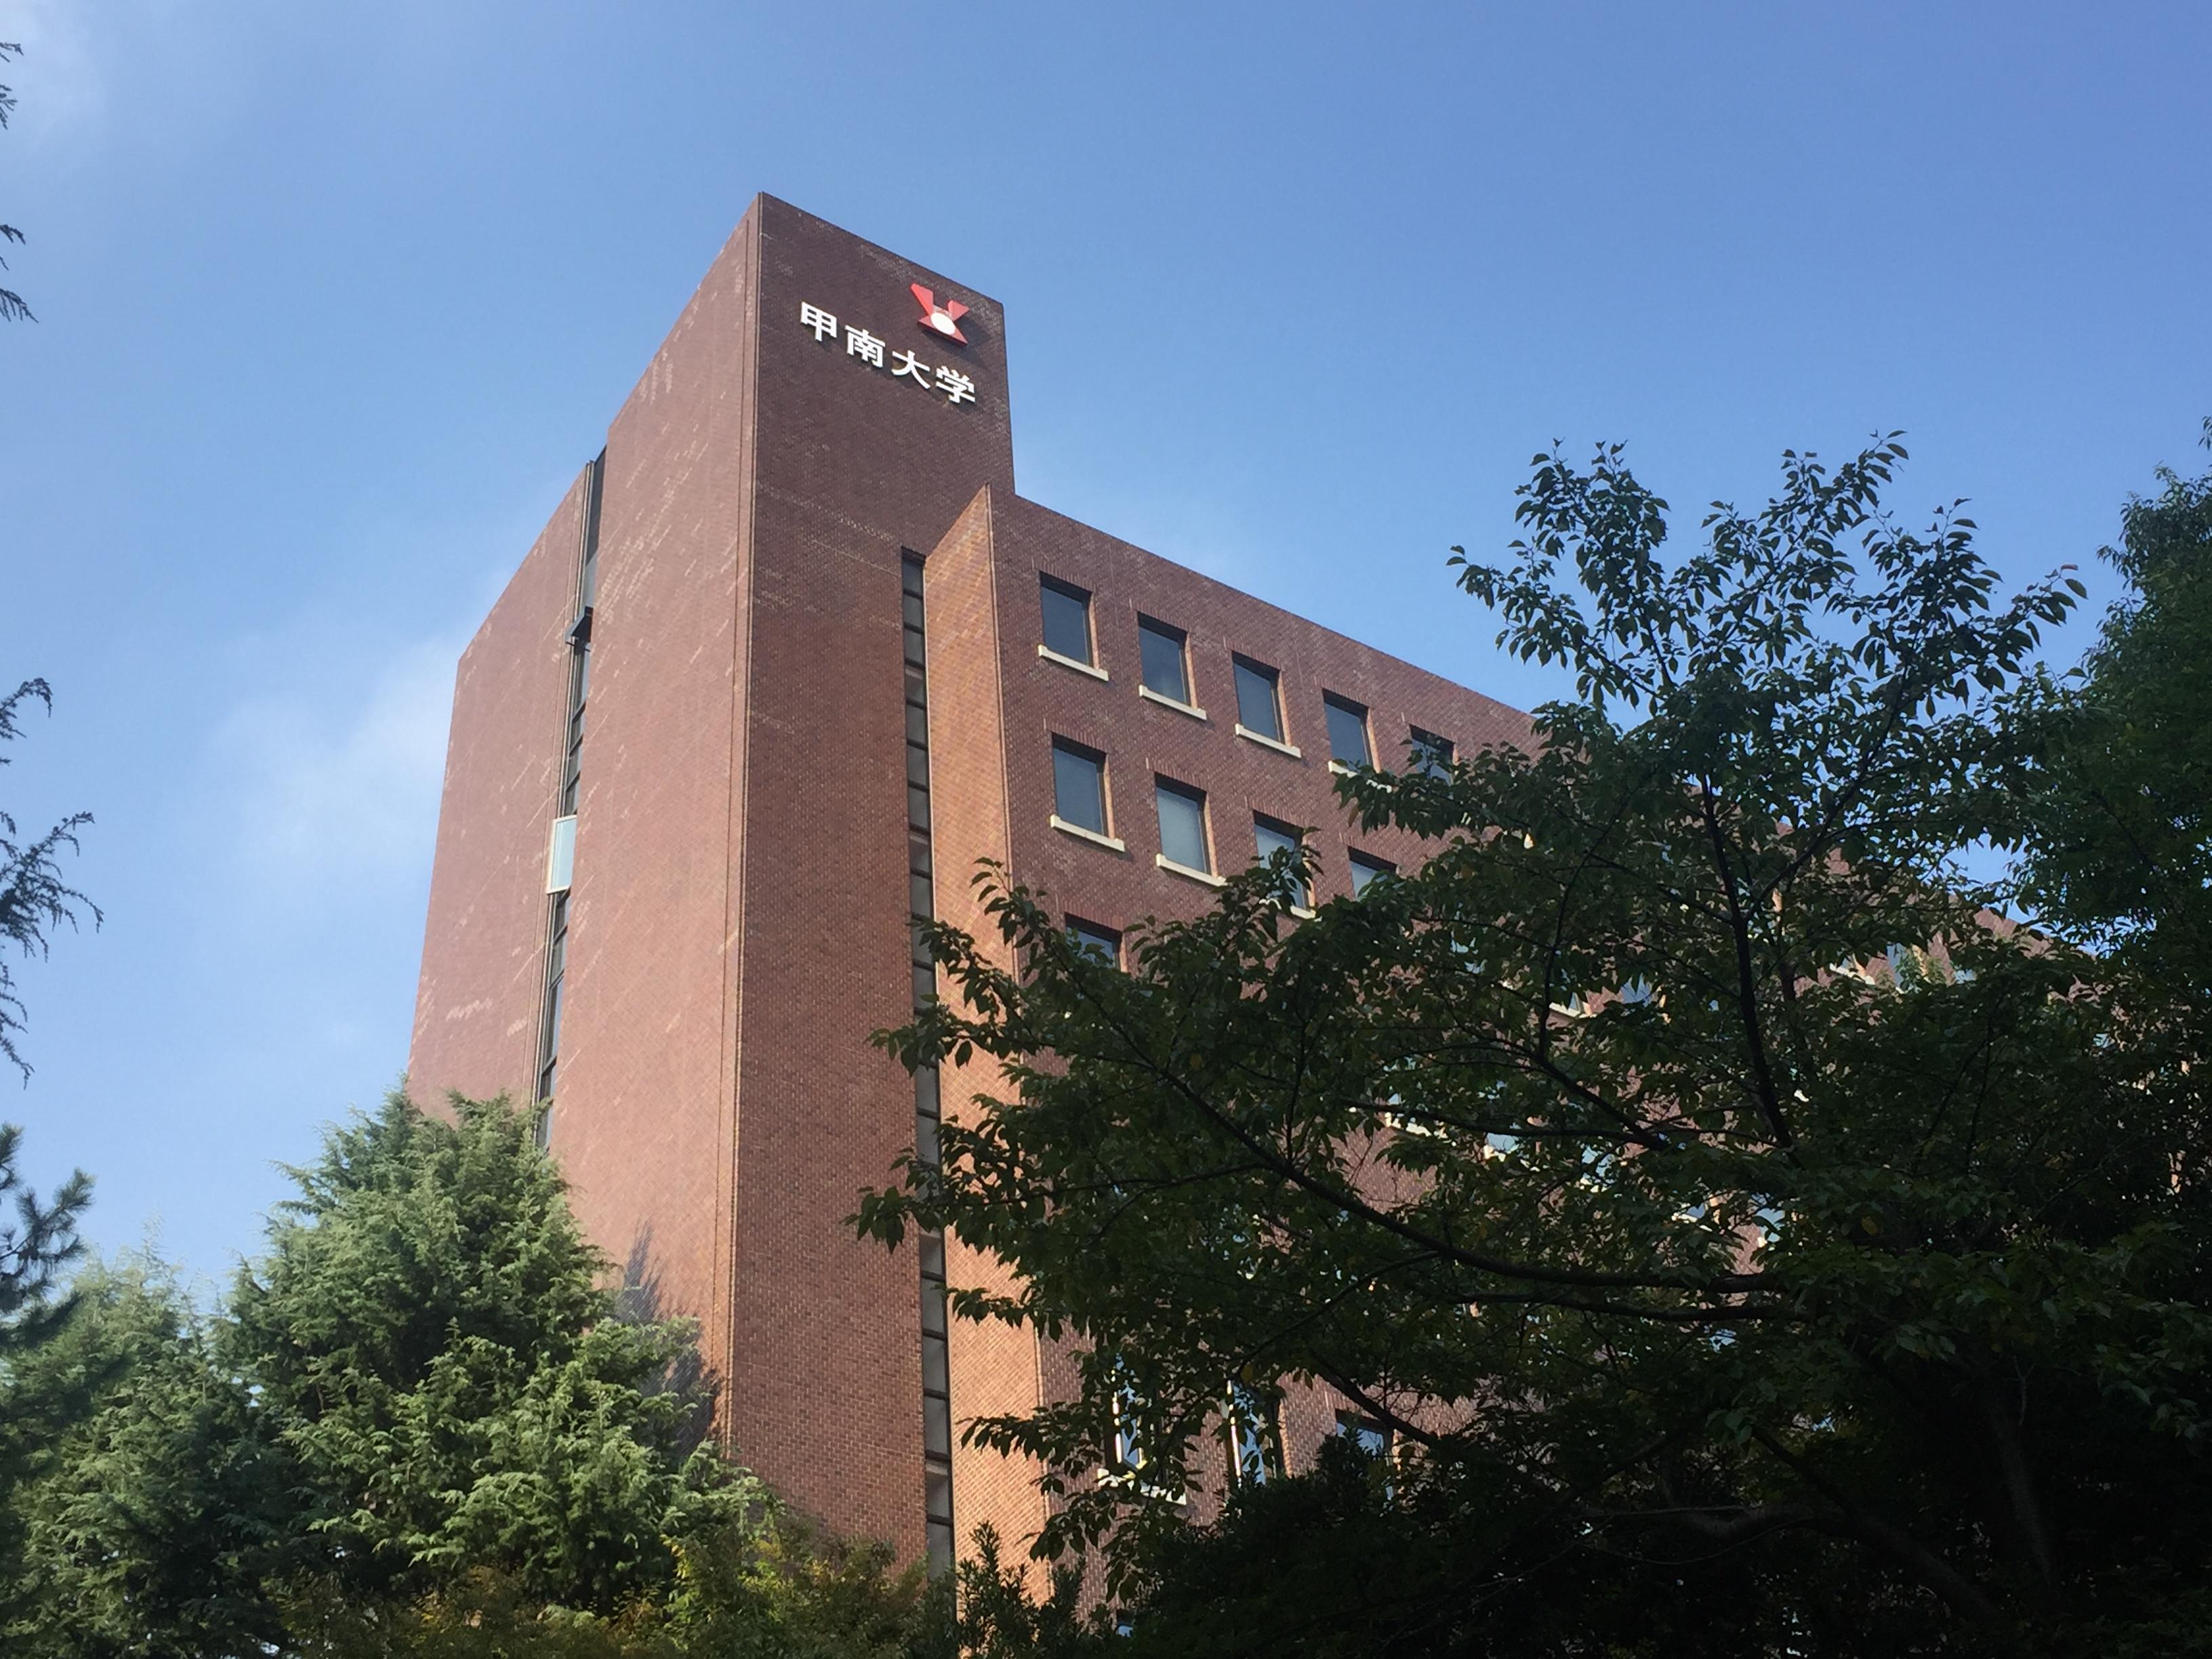 神戸・岡本の甲南大学に新学舎「KONAN INFINITY COMMONS(iCommons)」が完成、学食と建物内を楽しんでみた! #甲南大学 #iCommons